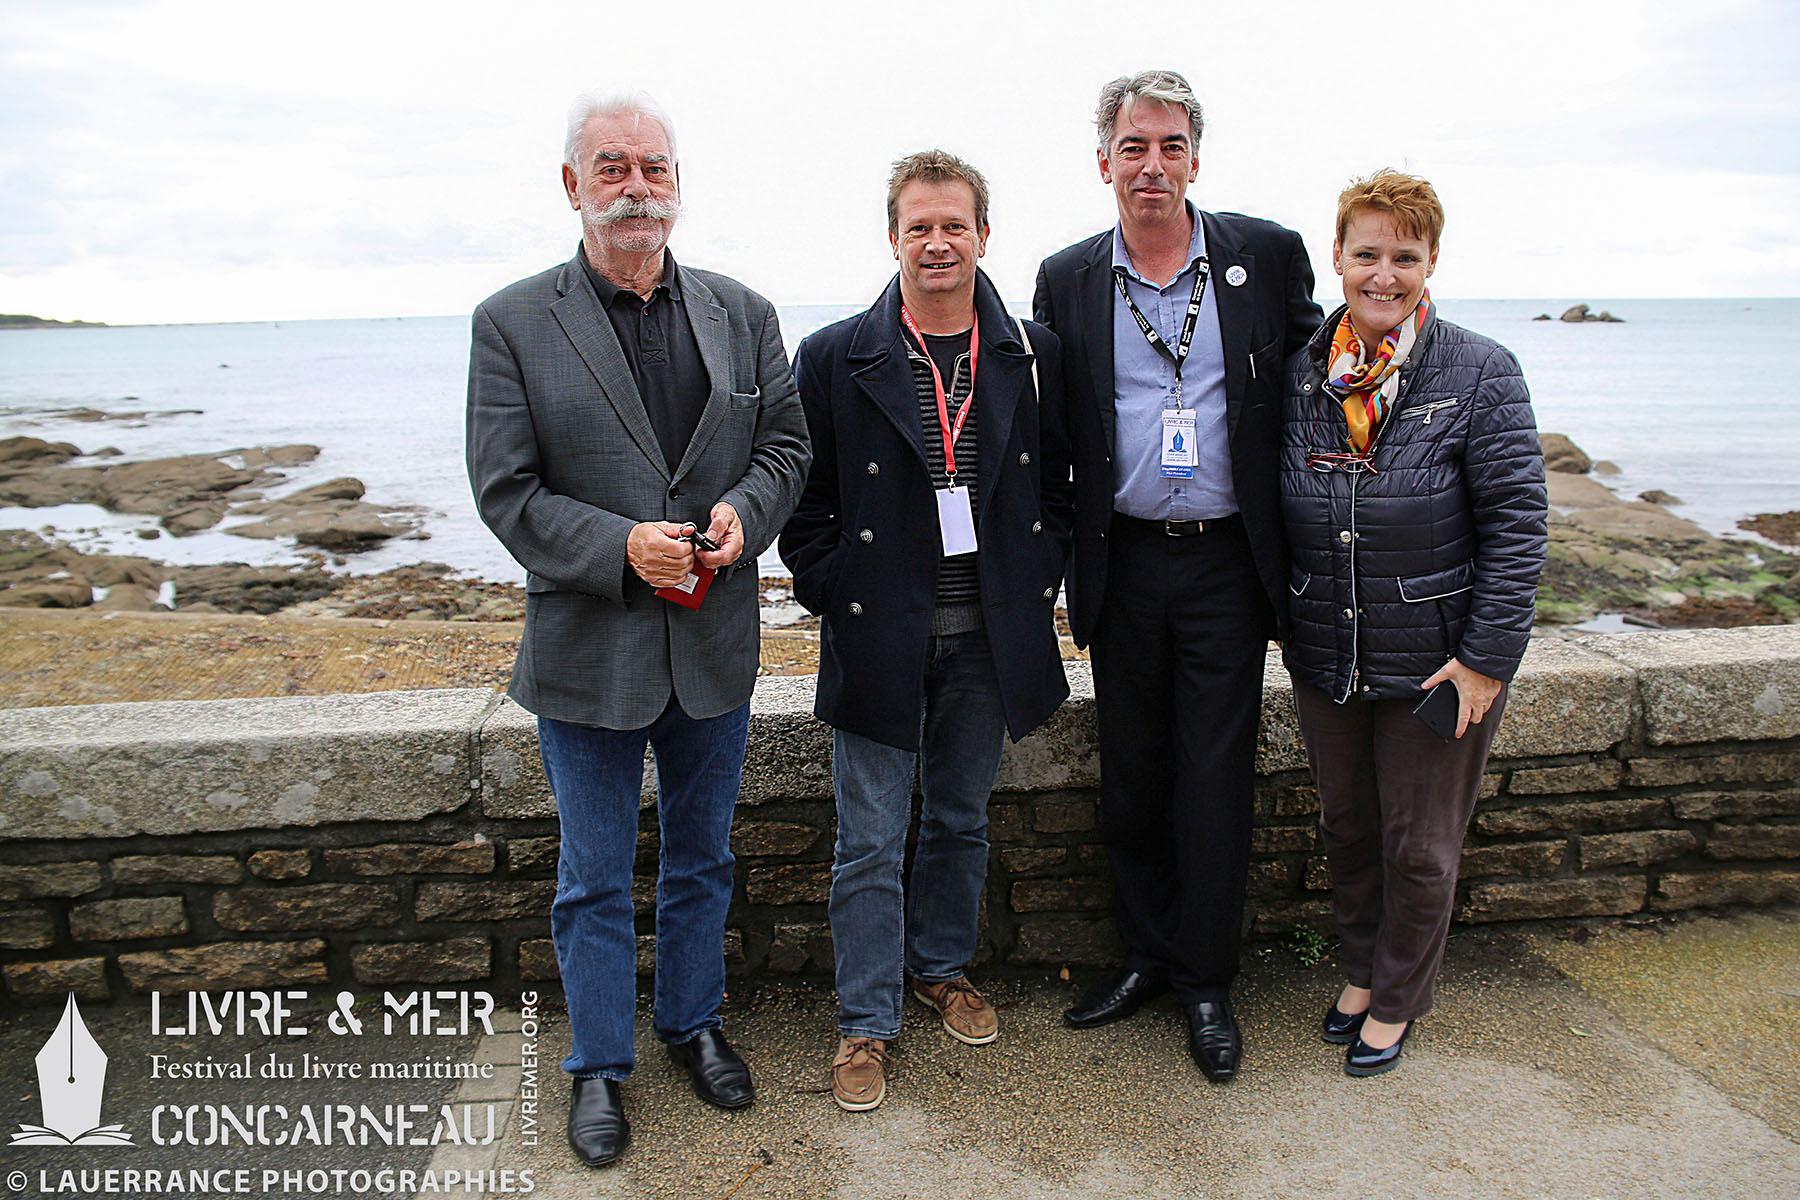 Jean-Yves Rogel, Vincent Guigueno, Brieg Haslé-Le Gall & Élisabeth Larbre © Lauerrance Photographies